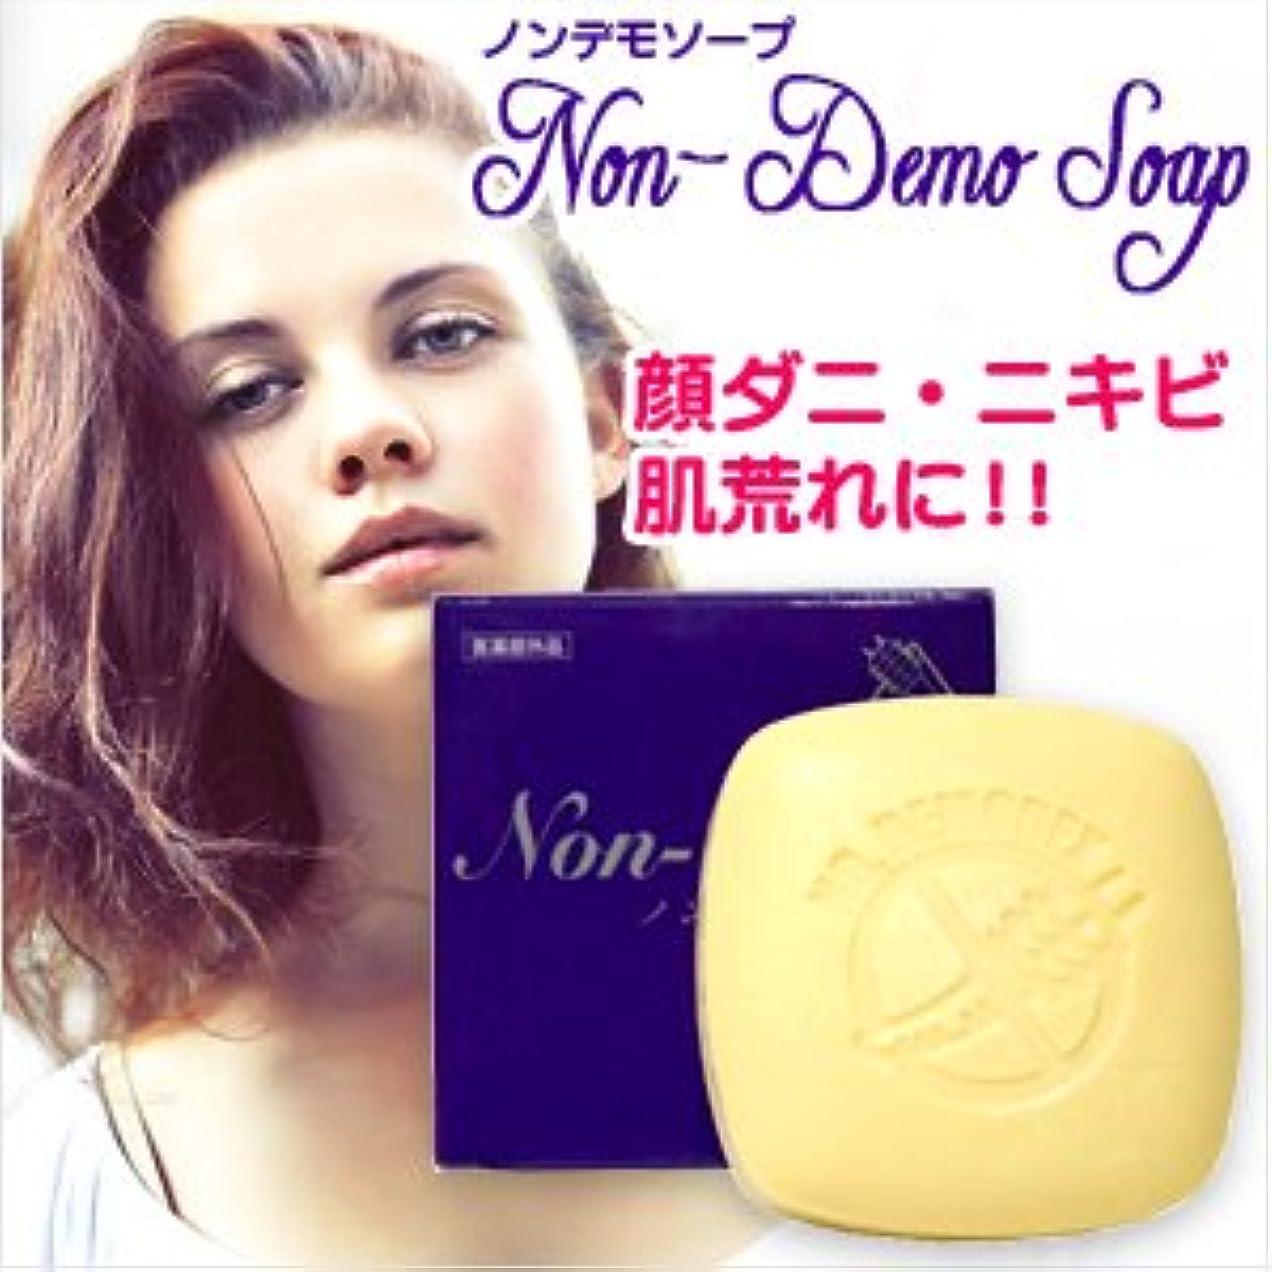 人類入口自殺(医薬部外品) 顔ダニ石鹸 ノンデモソープ (Non-Demo Soap) 130g